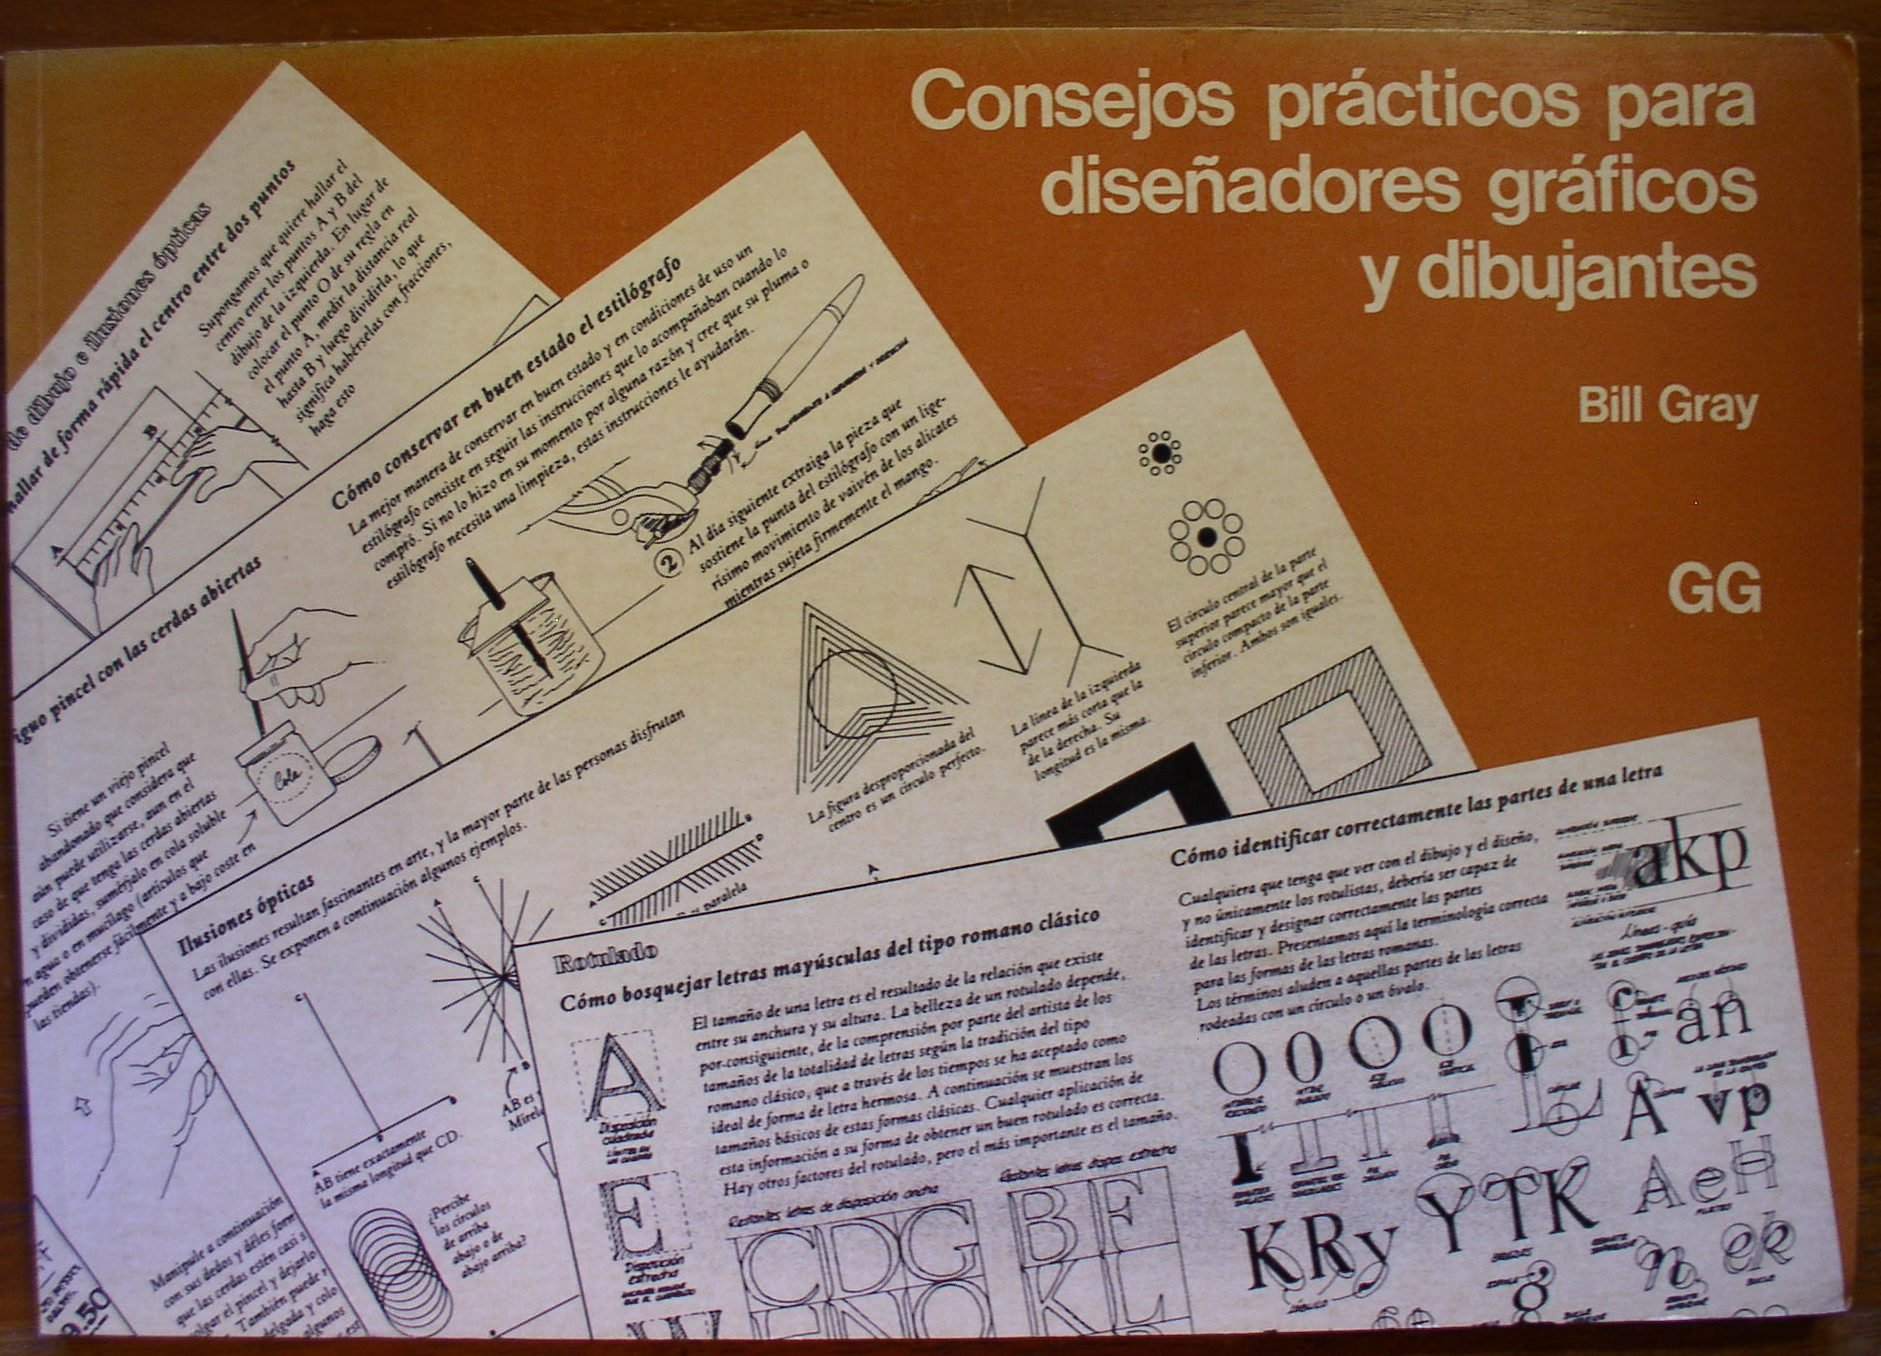 Consejos prácticos para diseñadores gráficos y dibujantes: Bill Gray: 9789686085839: Amazon.com: Books